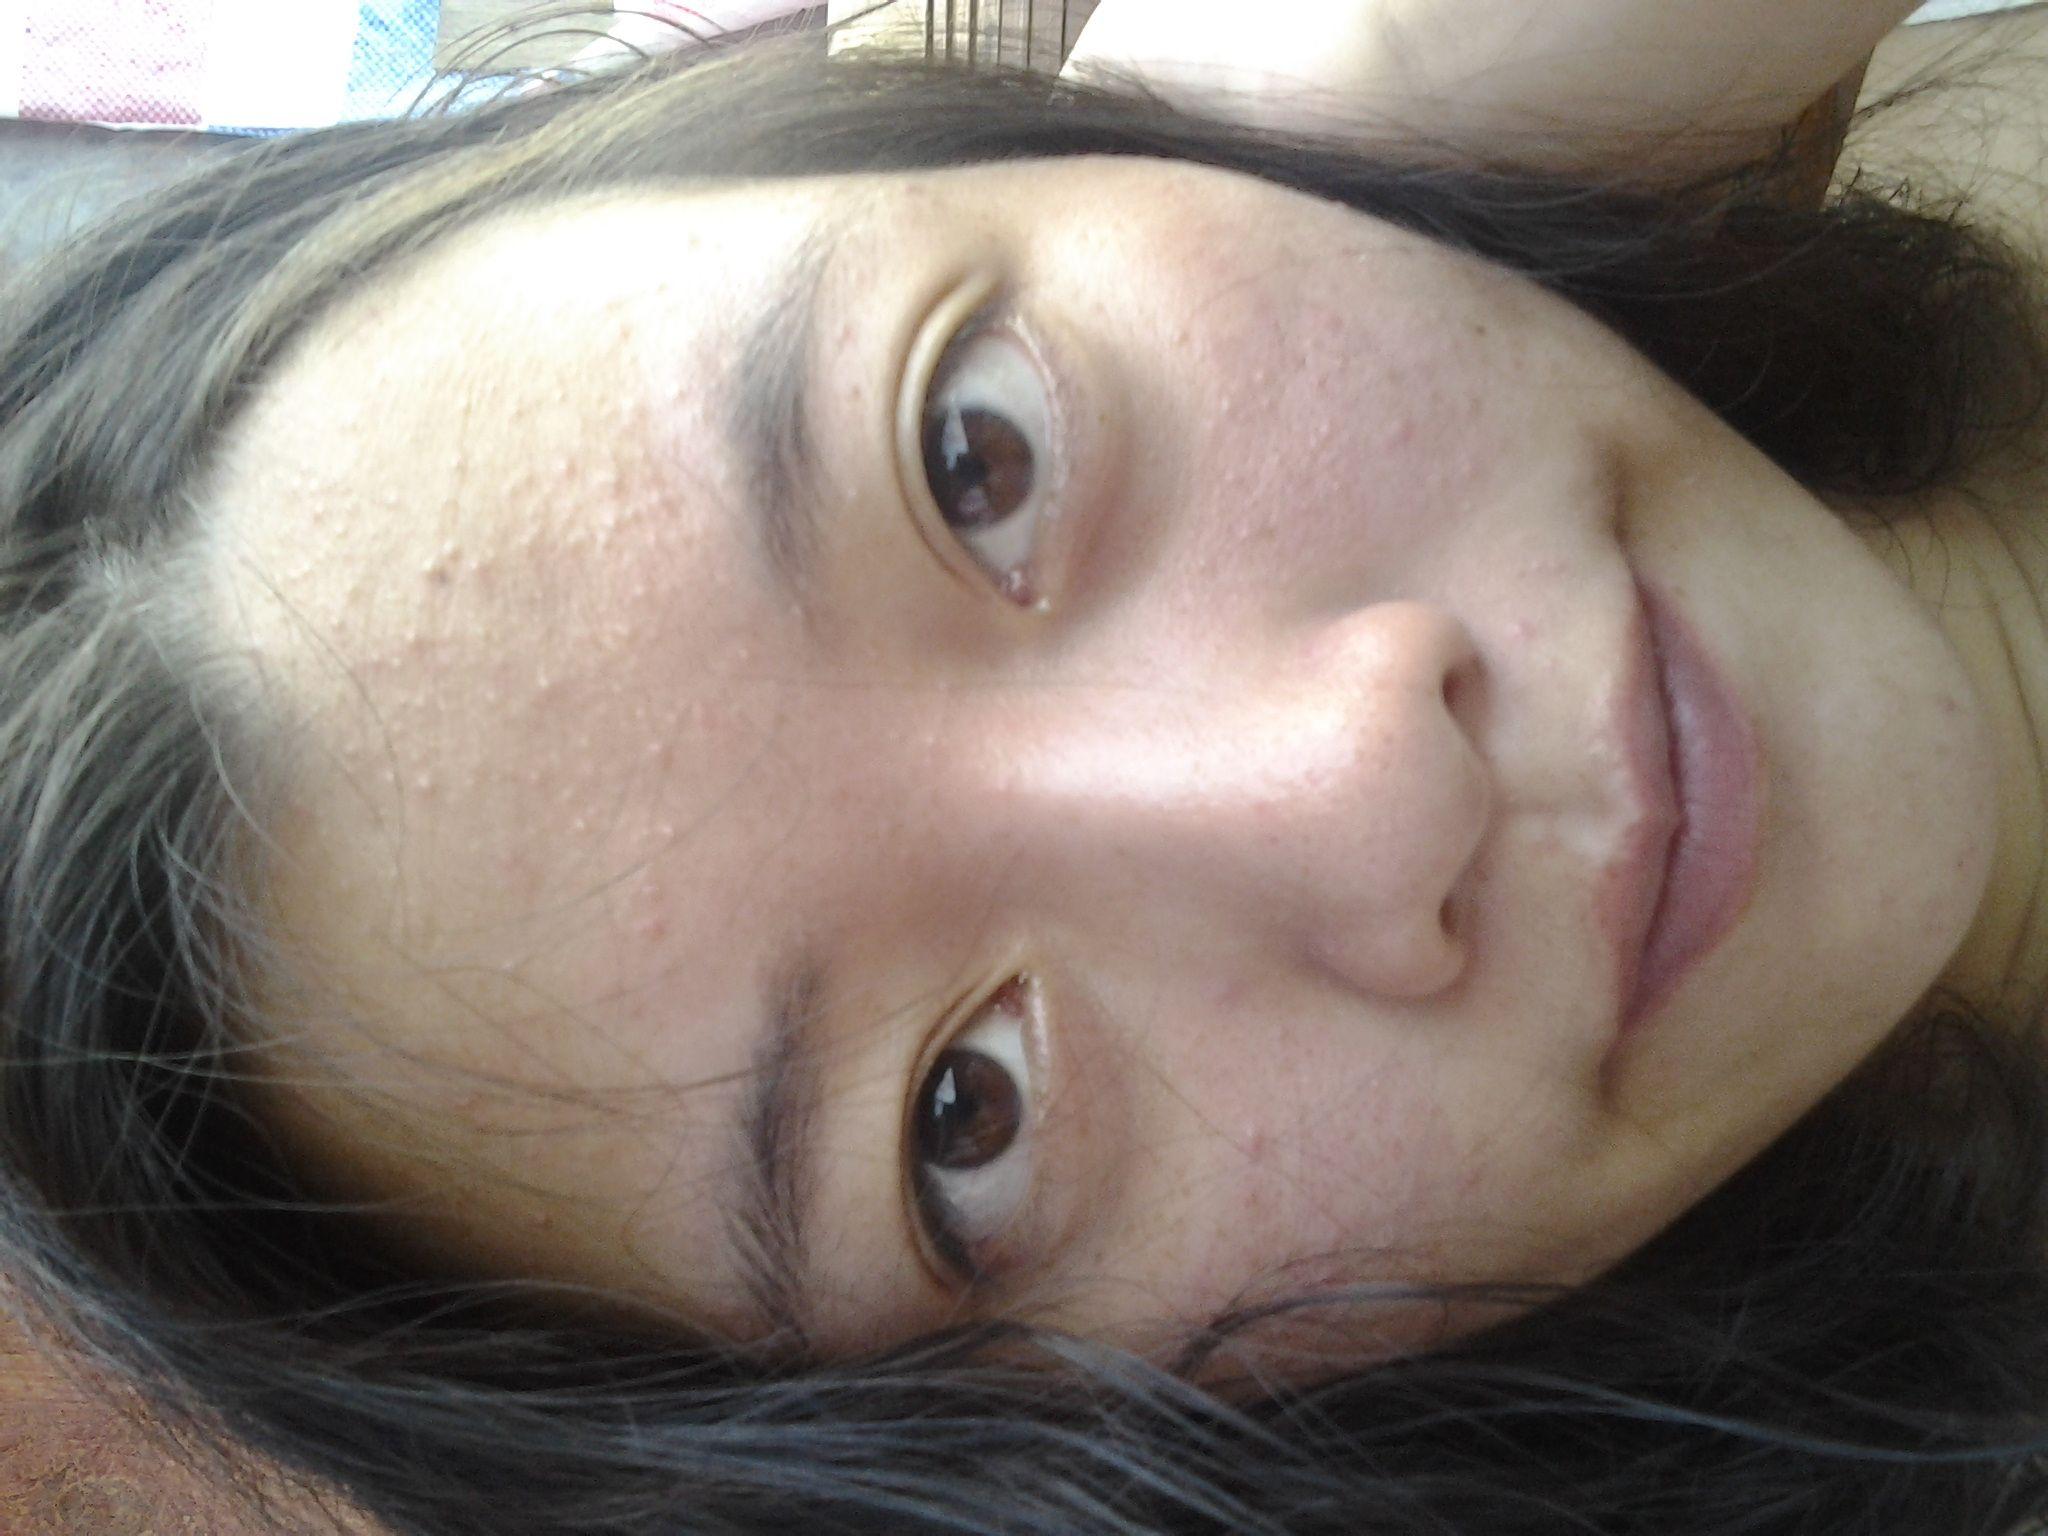 脸上有小米粒疙瘩_色的小疙瘩怎么办; 一些皮肤色的小疙瘩; 脸上长痘痘是什么原因